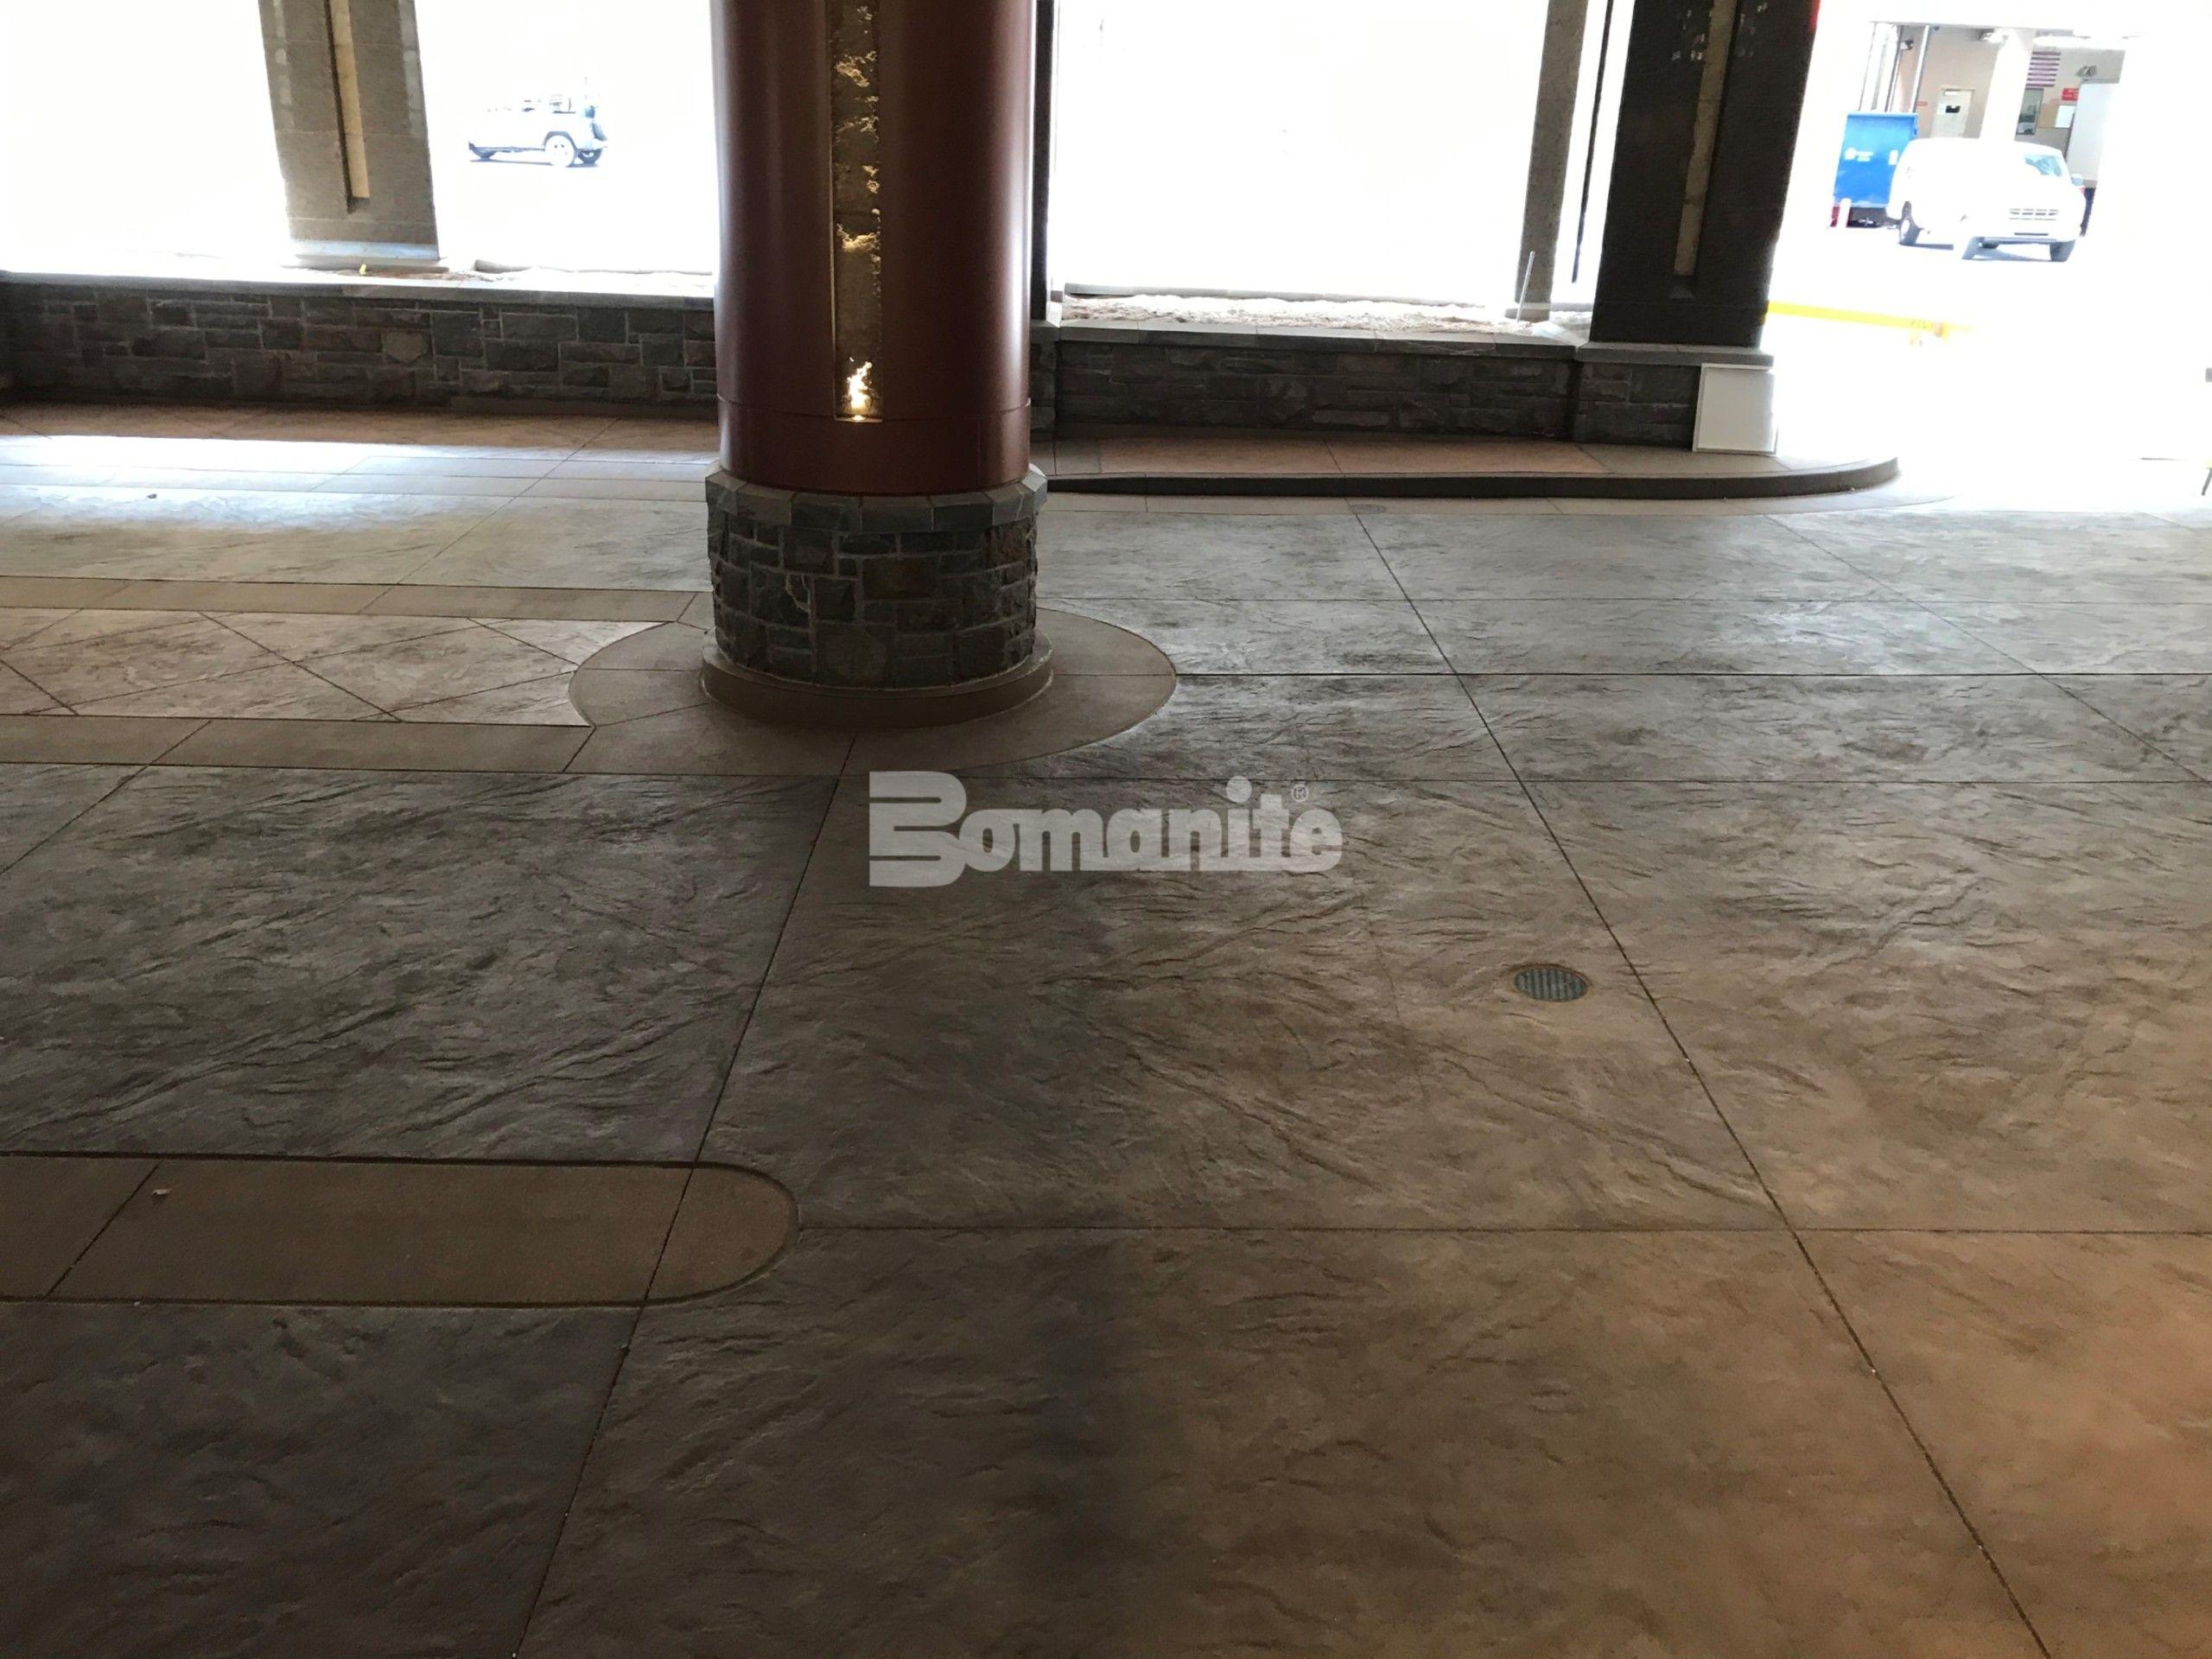 Monarch-Casino-Colorado-Hardscapes-Bomanite-English-Sidewalk-Slate-Texture-Sandscape-Borders-6